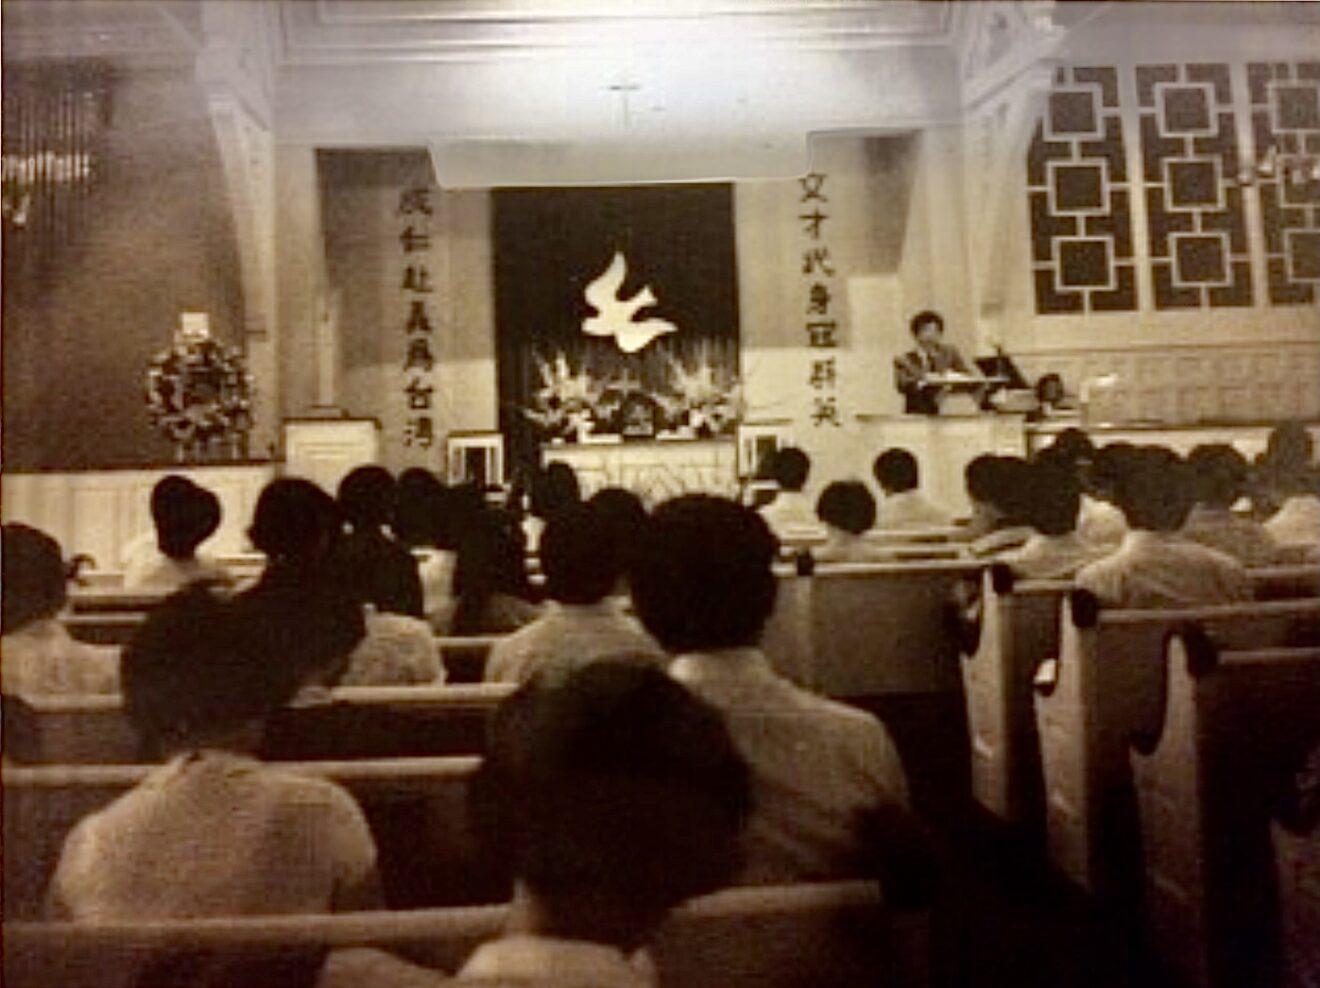 321. 由陳文成紀念基金會的創立談起 / Establishment of the Chen Wen-Chen Memorial Foundation/ Yung Hwa Hsu